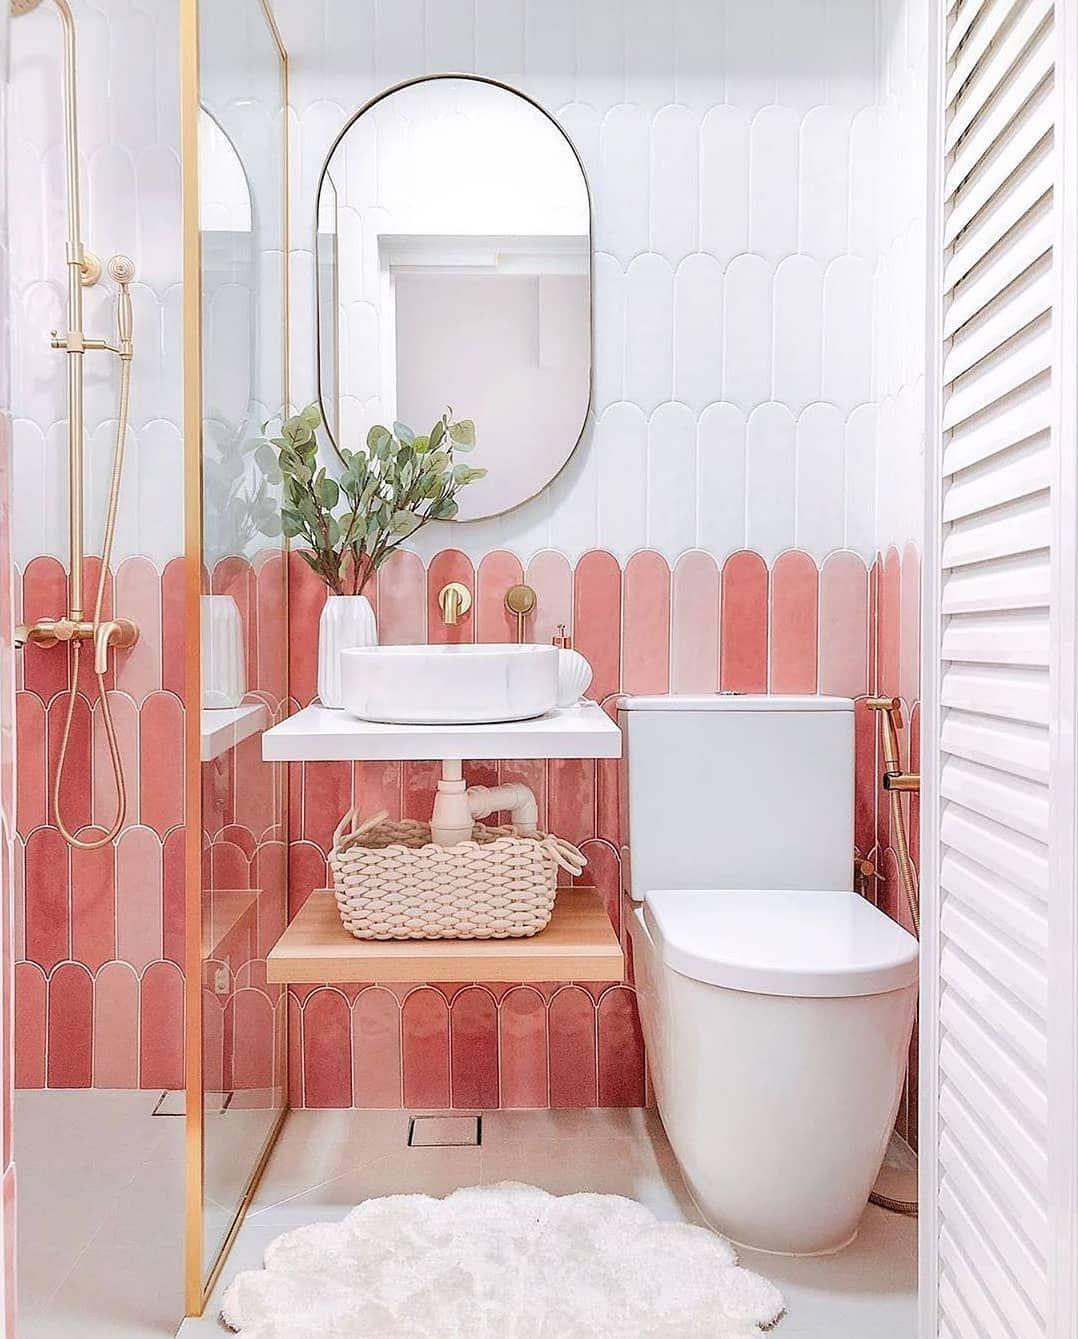 876 Likes 7 Comments Vanessa El Armario De Vanessa On Instagram Los Azulejos Juegan Un Papel In 2020 Vibrant Bathroom Contemporary Bathroom Tiles Tiny Bathroom